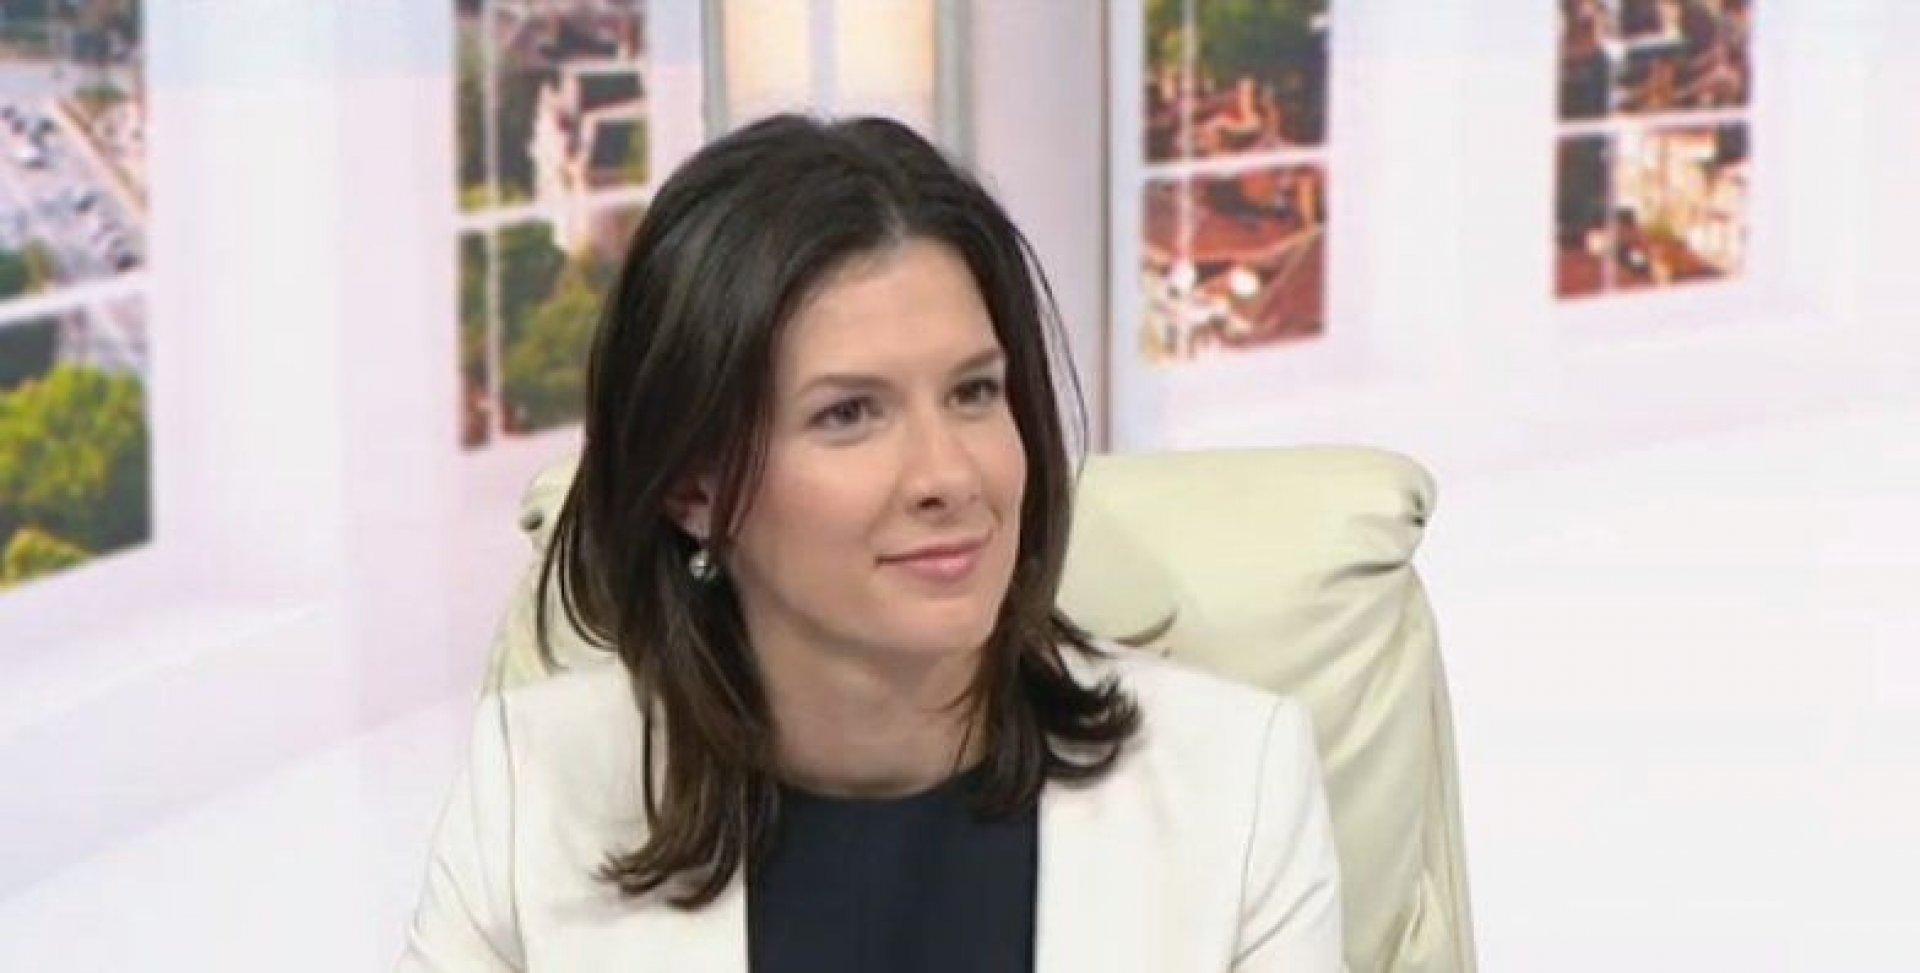 Деница Желева е дъщеря на бившия депутат от ГЕРБ Румен Желев. Снимка OFFNews